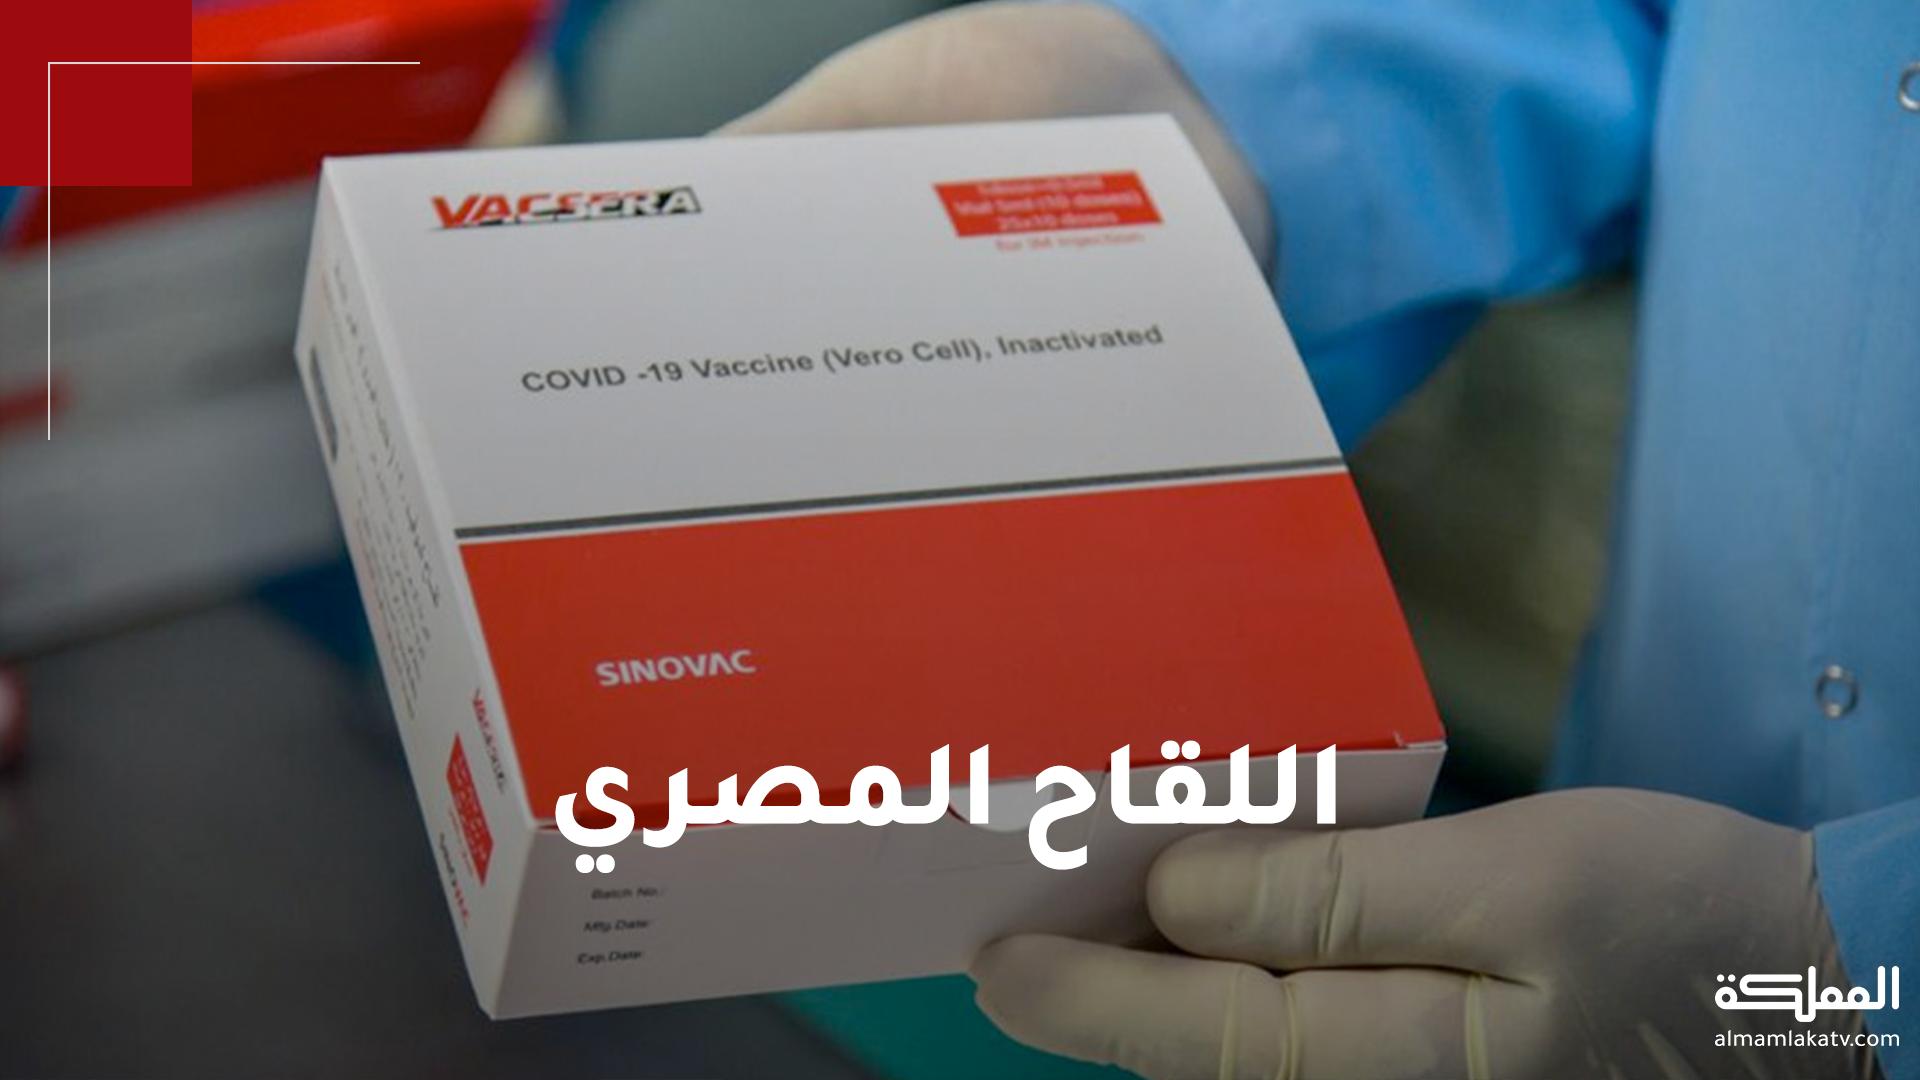 تعرف على آلية عمل وفعالية لقاح فاكسيرا المصري المضاد لكورونا